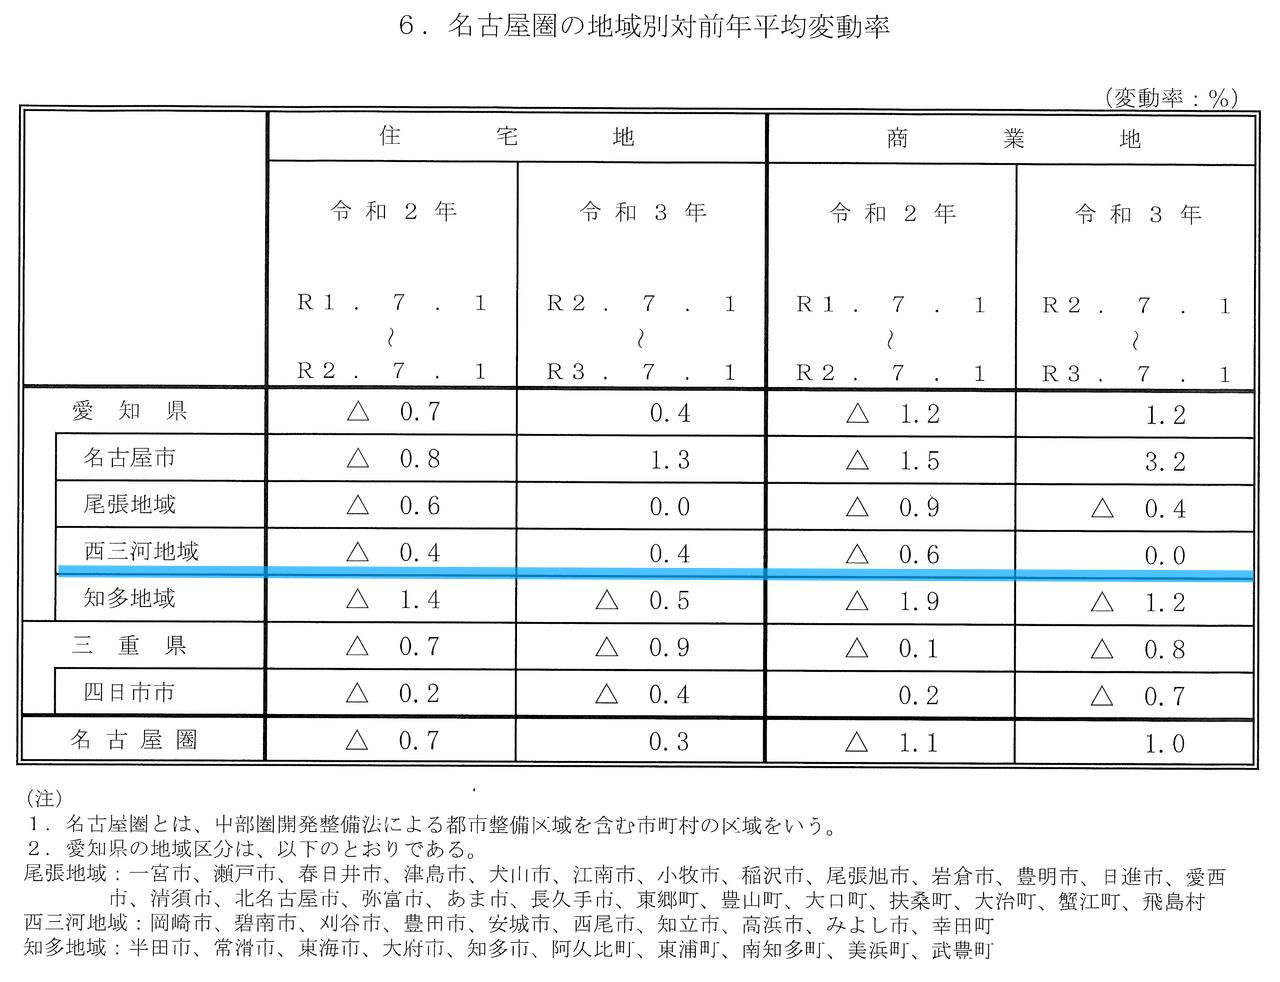 令和3年都道府県地価調査(愛知県)